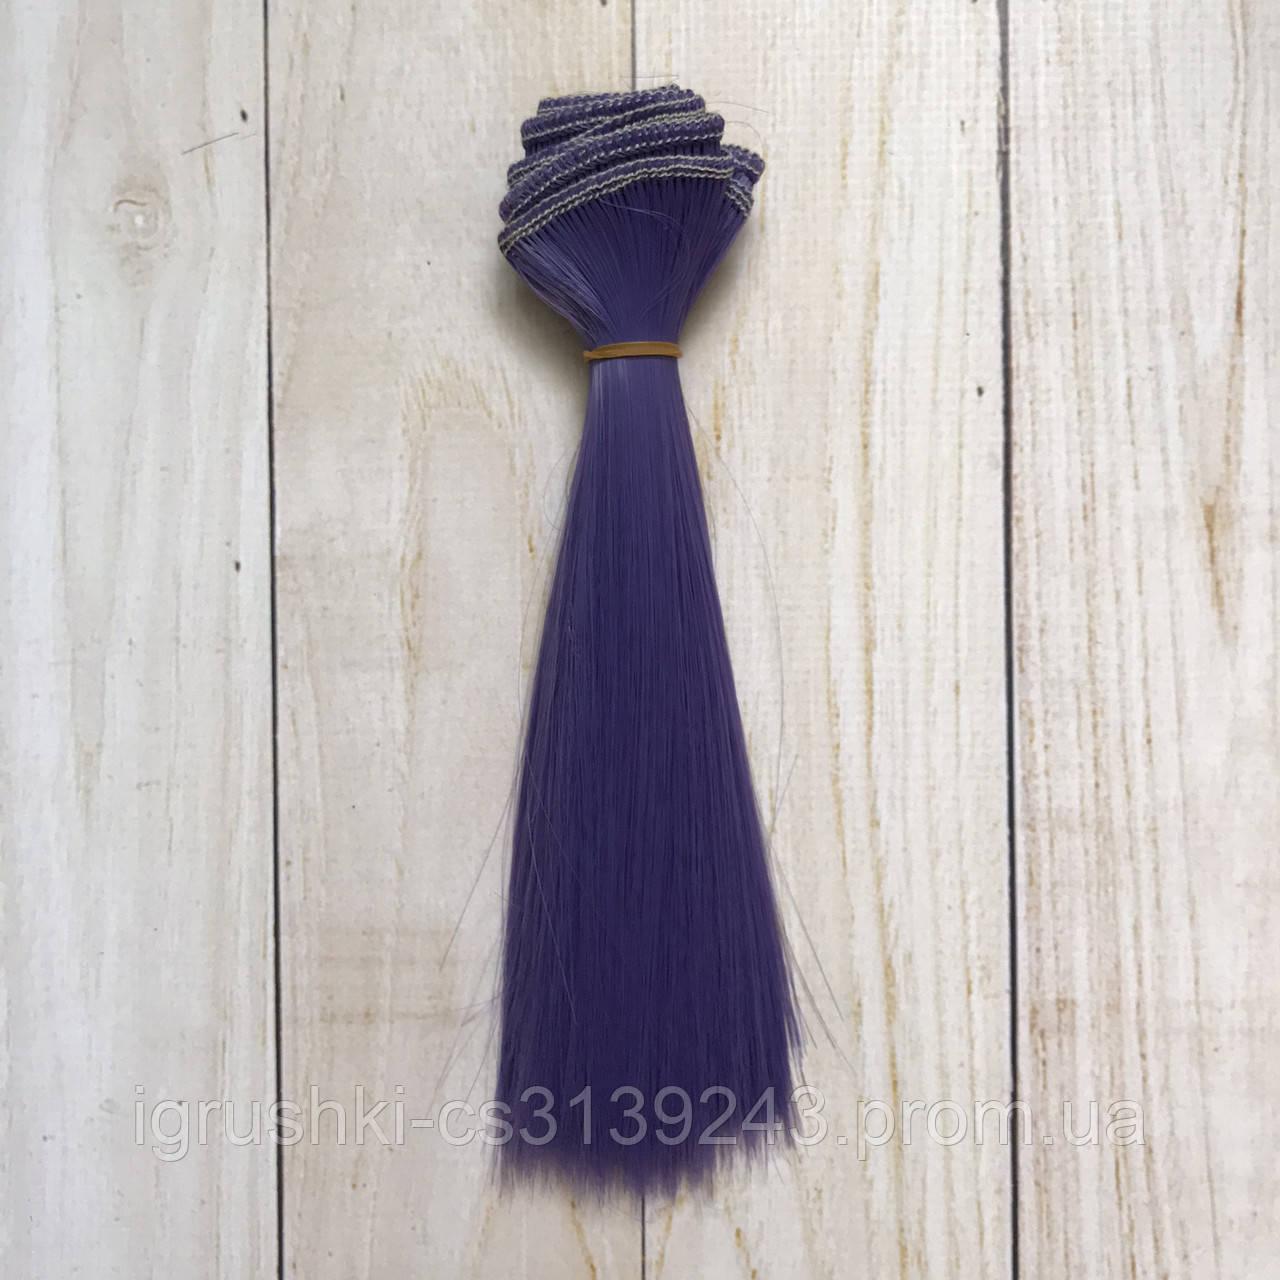 Волосся для ляльок (тресс) 15 * 100 см Колір 35